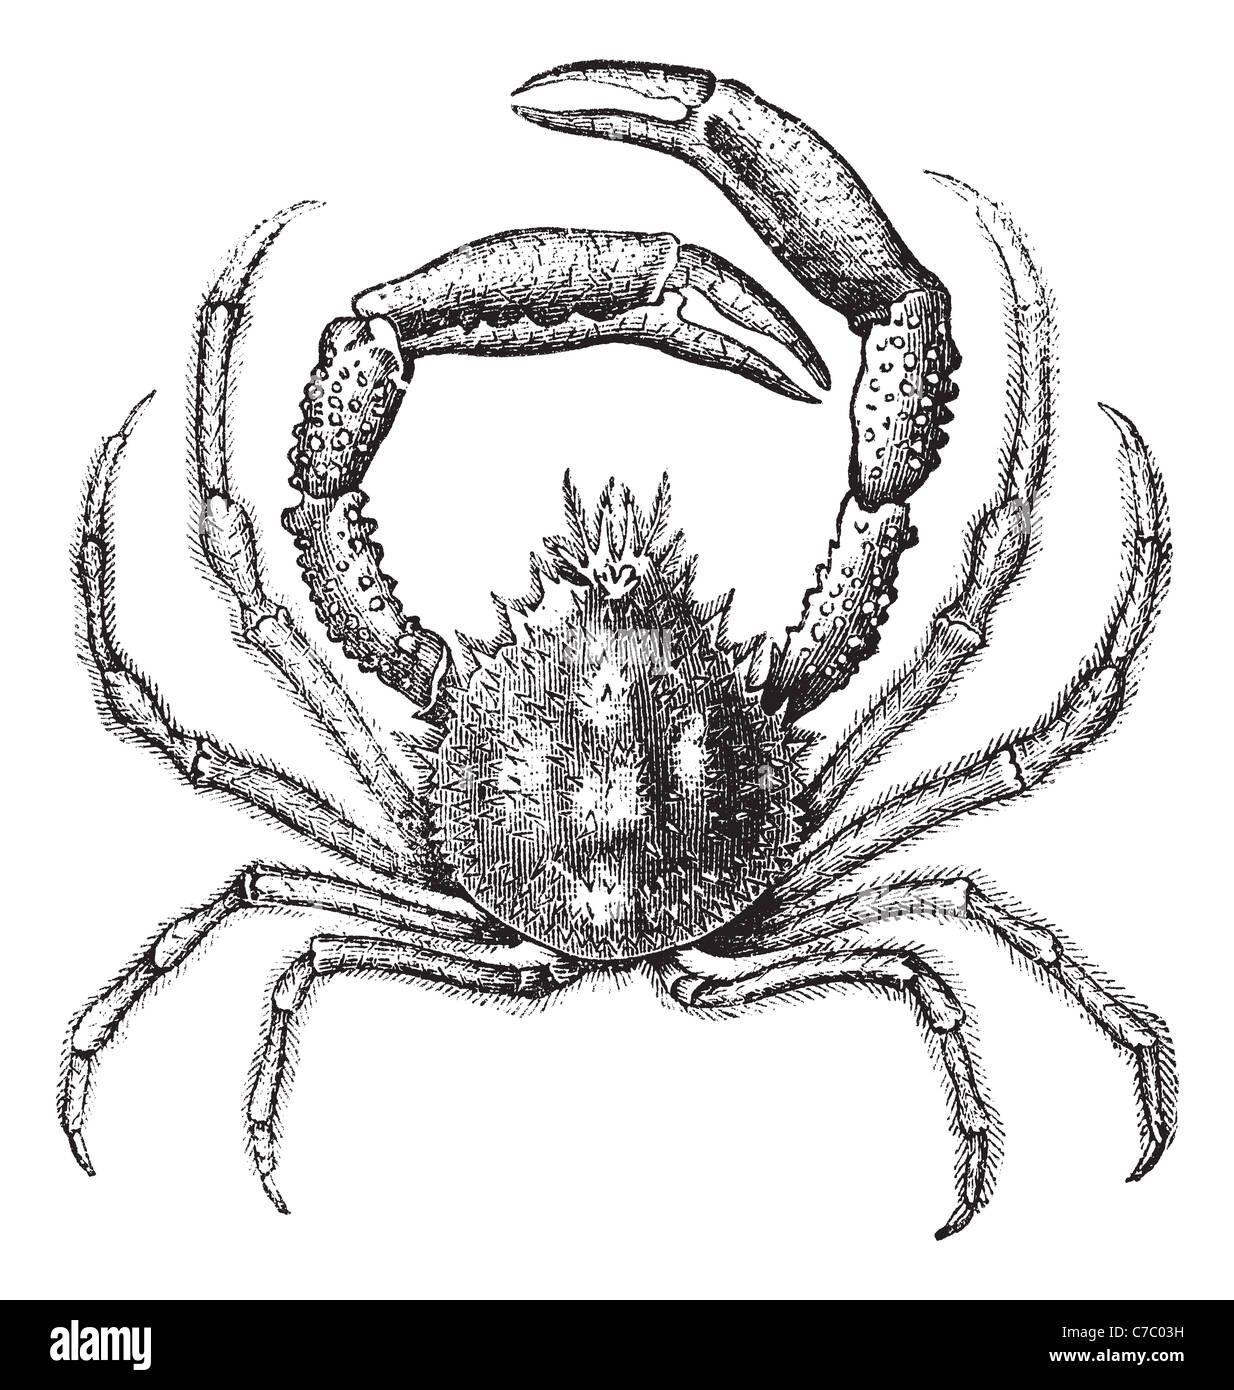 Wunderbar Dungeness Crab Anatomie Bilder - Menschliche Anatomie ...